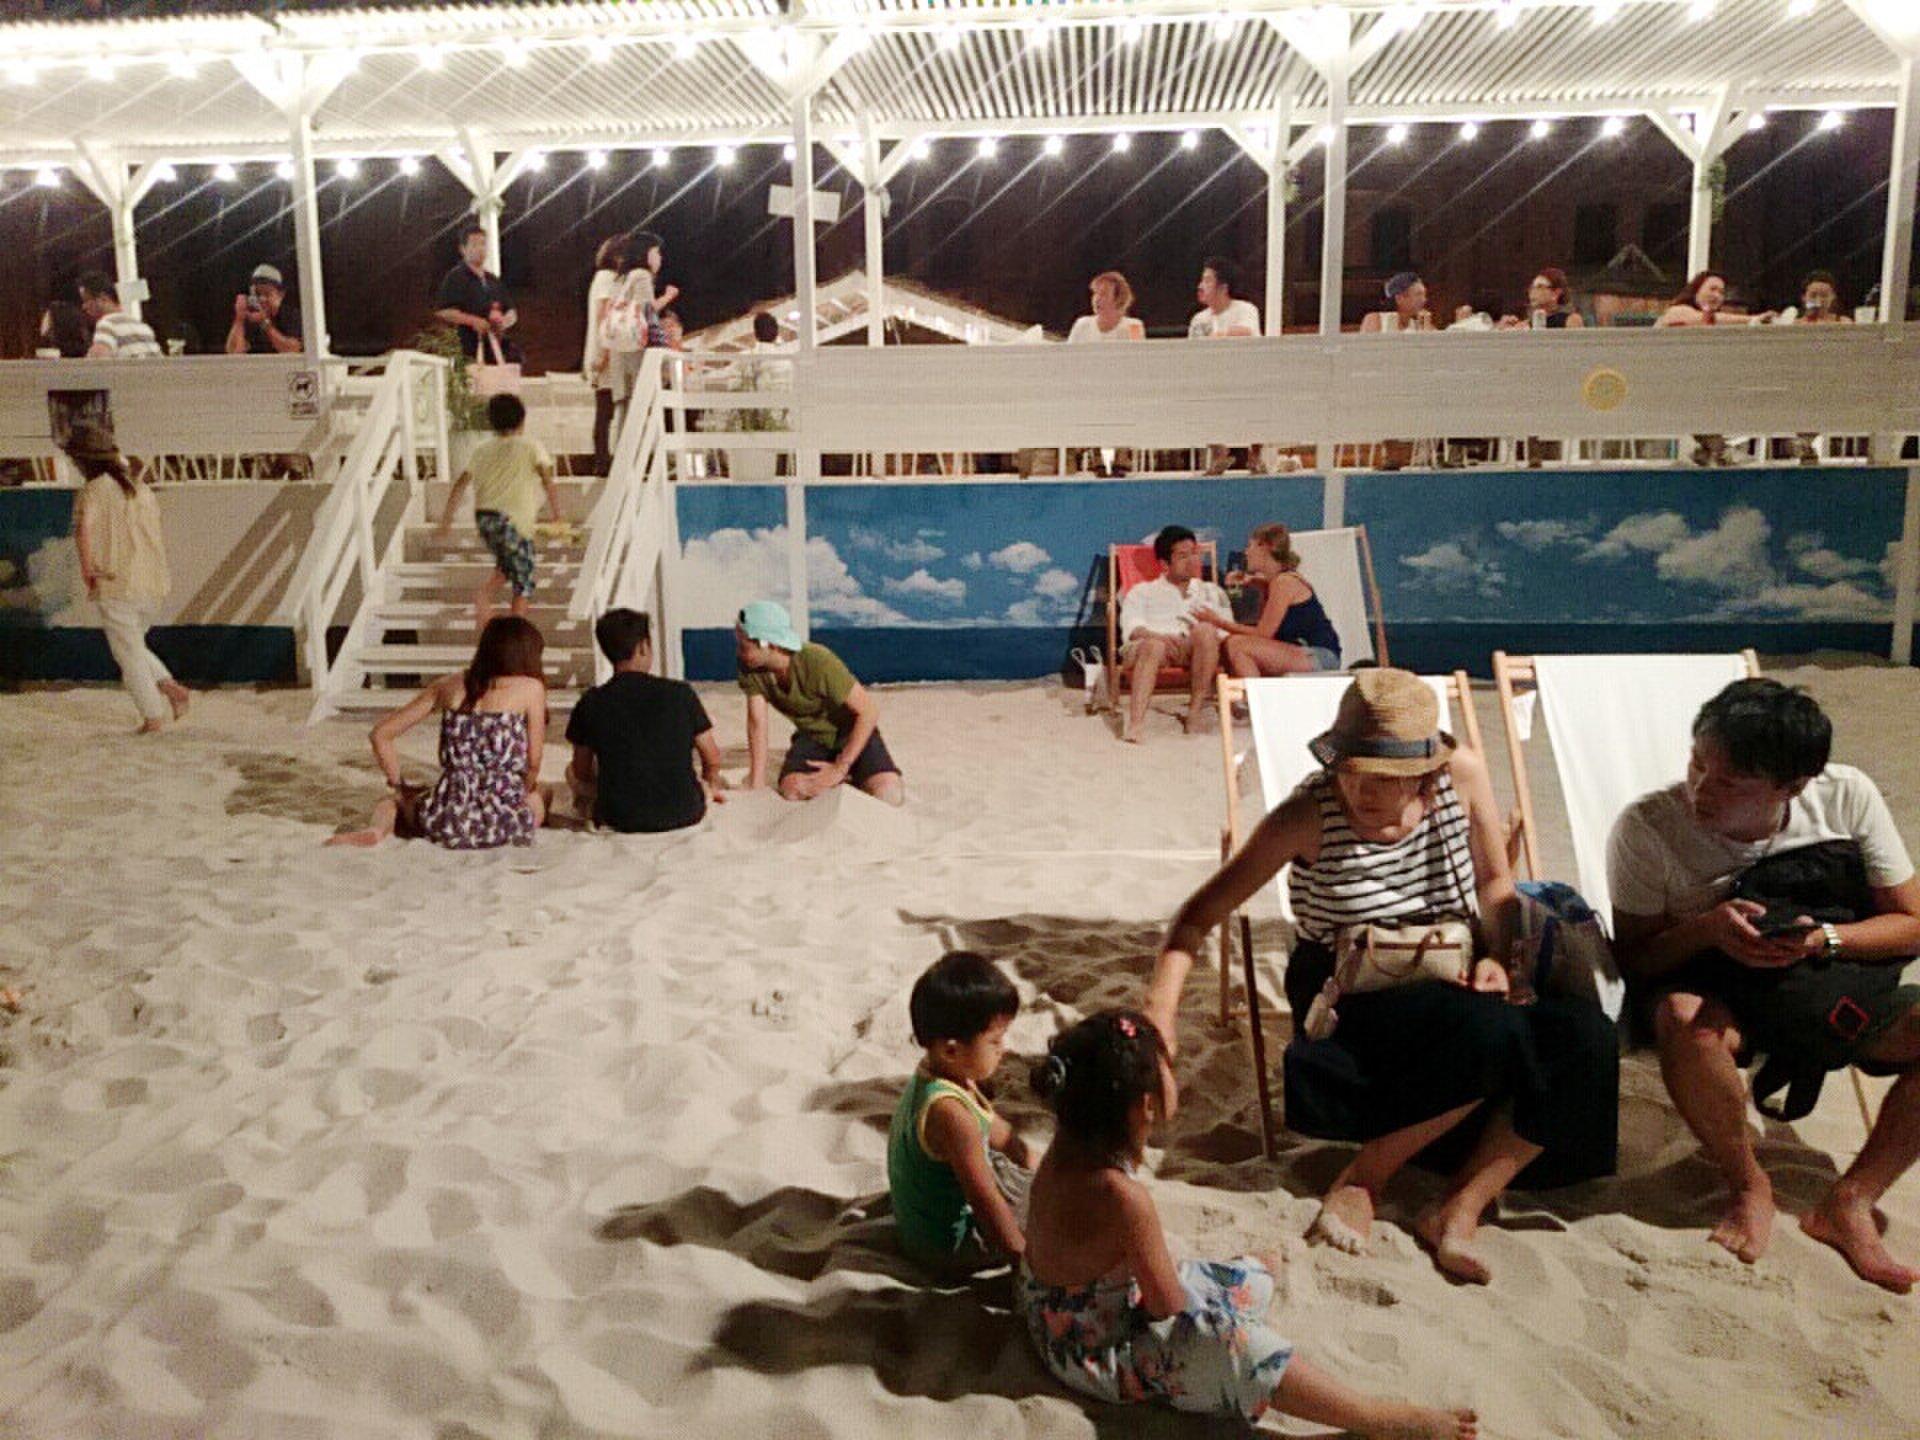 横浜みなとみらいに南国ビーチリゾートが出現!?水辺のソファや砂浜でカクテルを